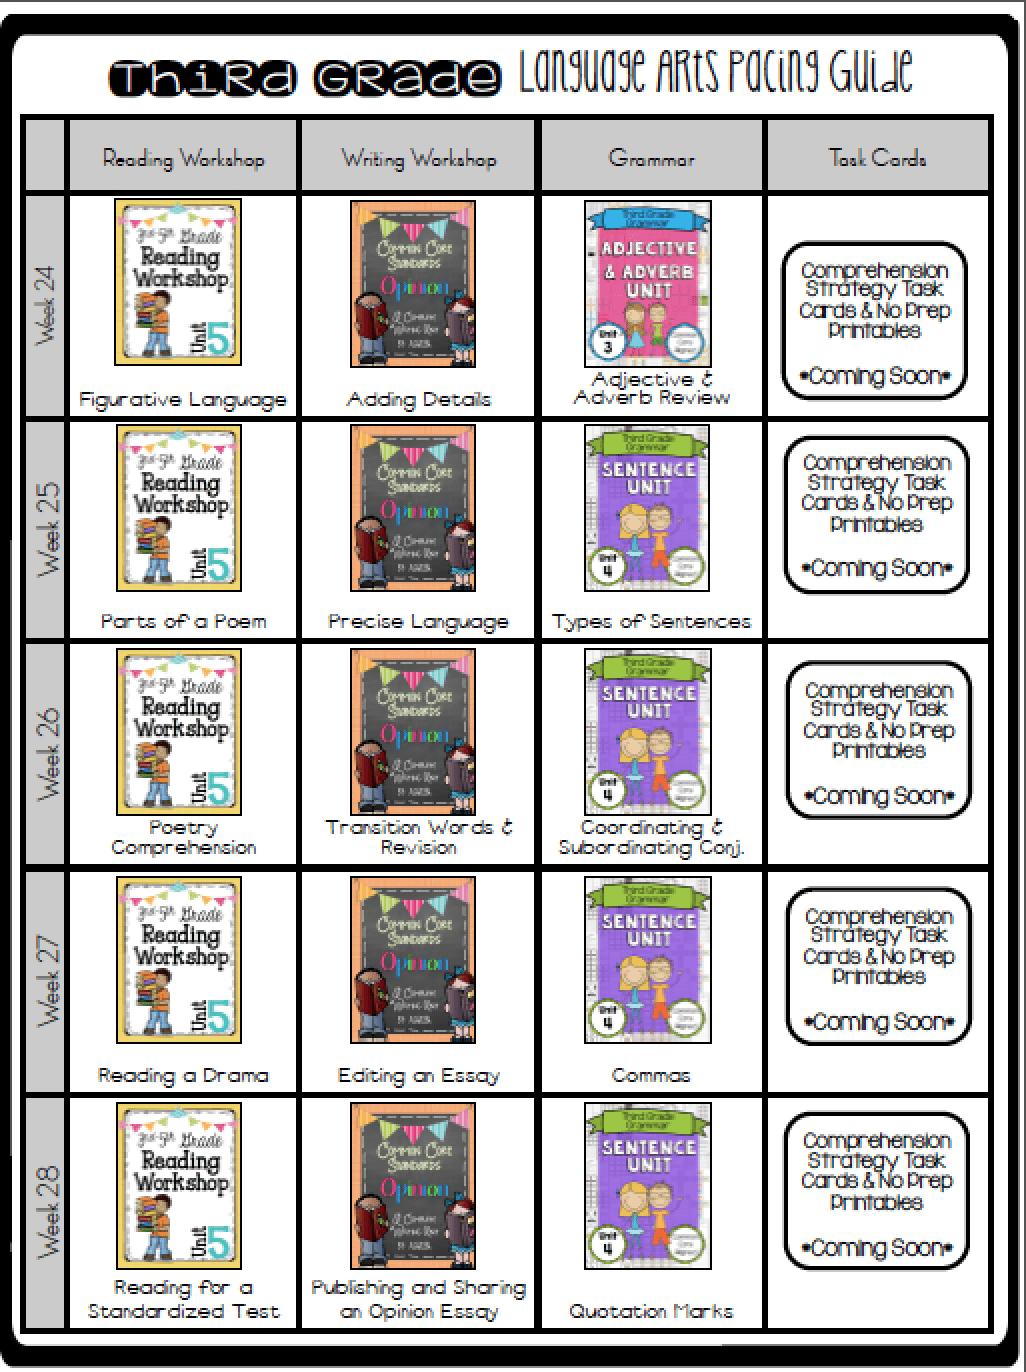 Language Arts Pacing Guide